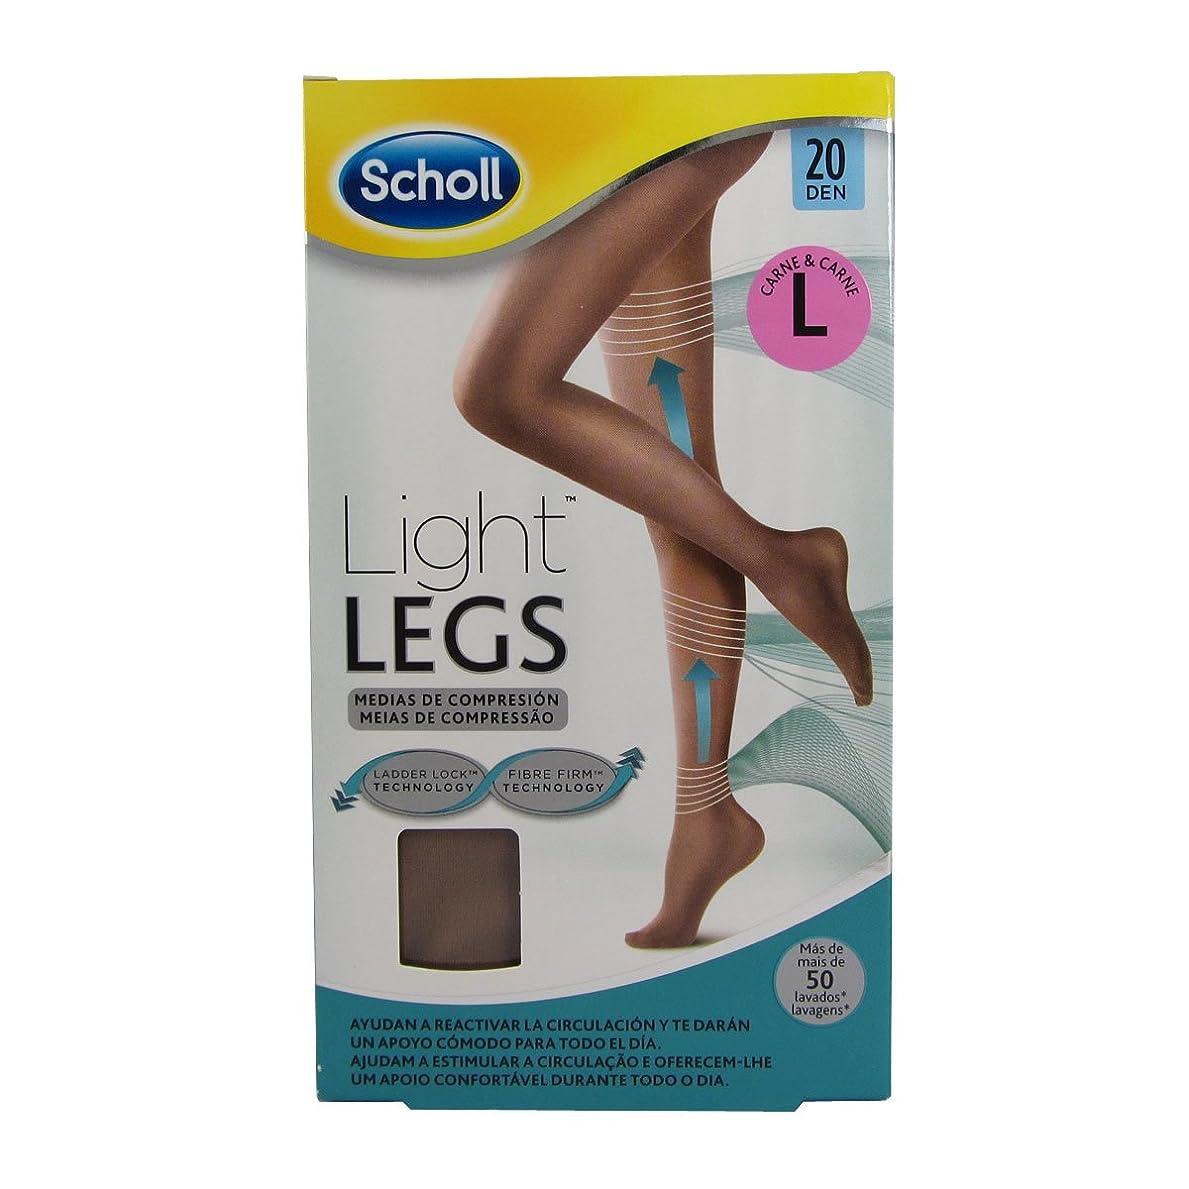 文法スリル発生Scholl Light Legs Compression Tights 20den Skin Large [並行輸入品]